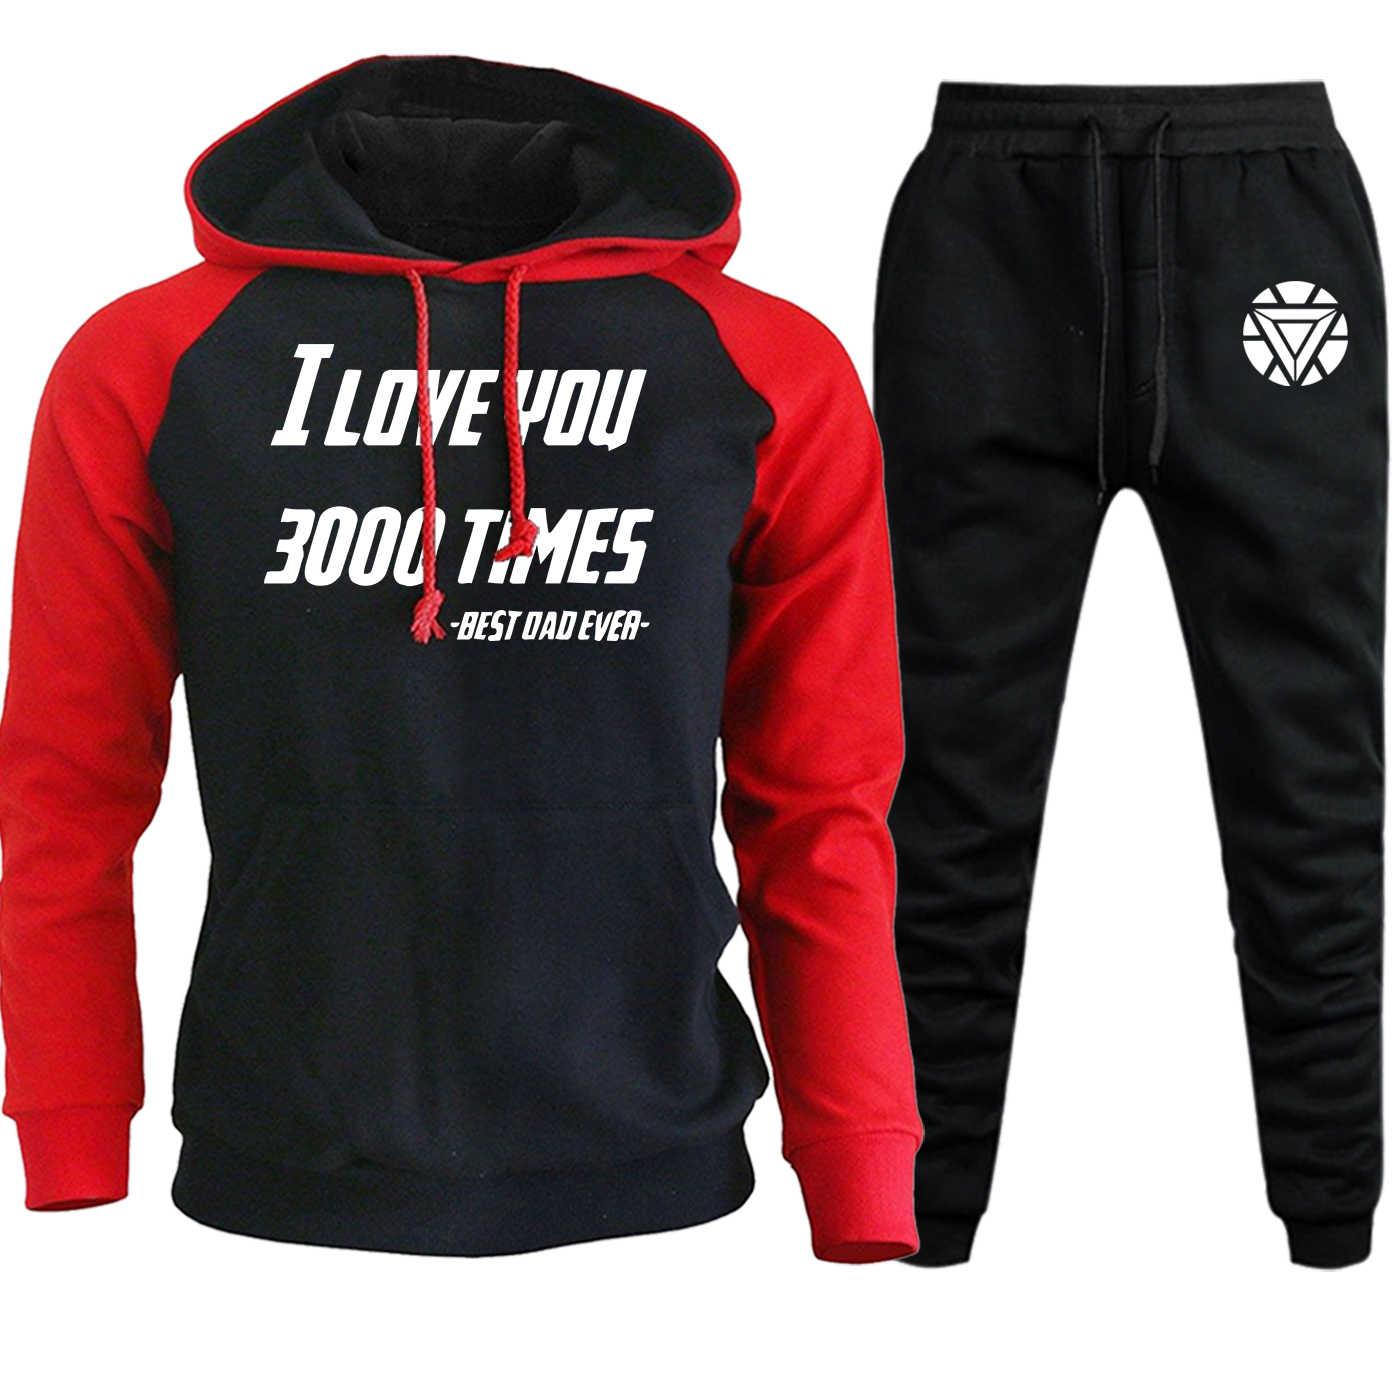 Mannen Raglan Hoody Sportkleding De Avengers Iron Man I Love U 3000 Fleece Trui + Joggingbroek Sets Grappige Mannelijke Pak fleece Hooded